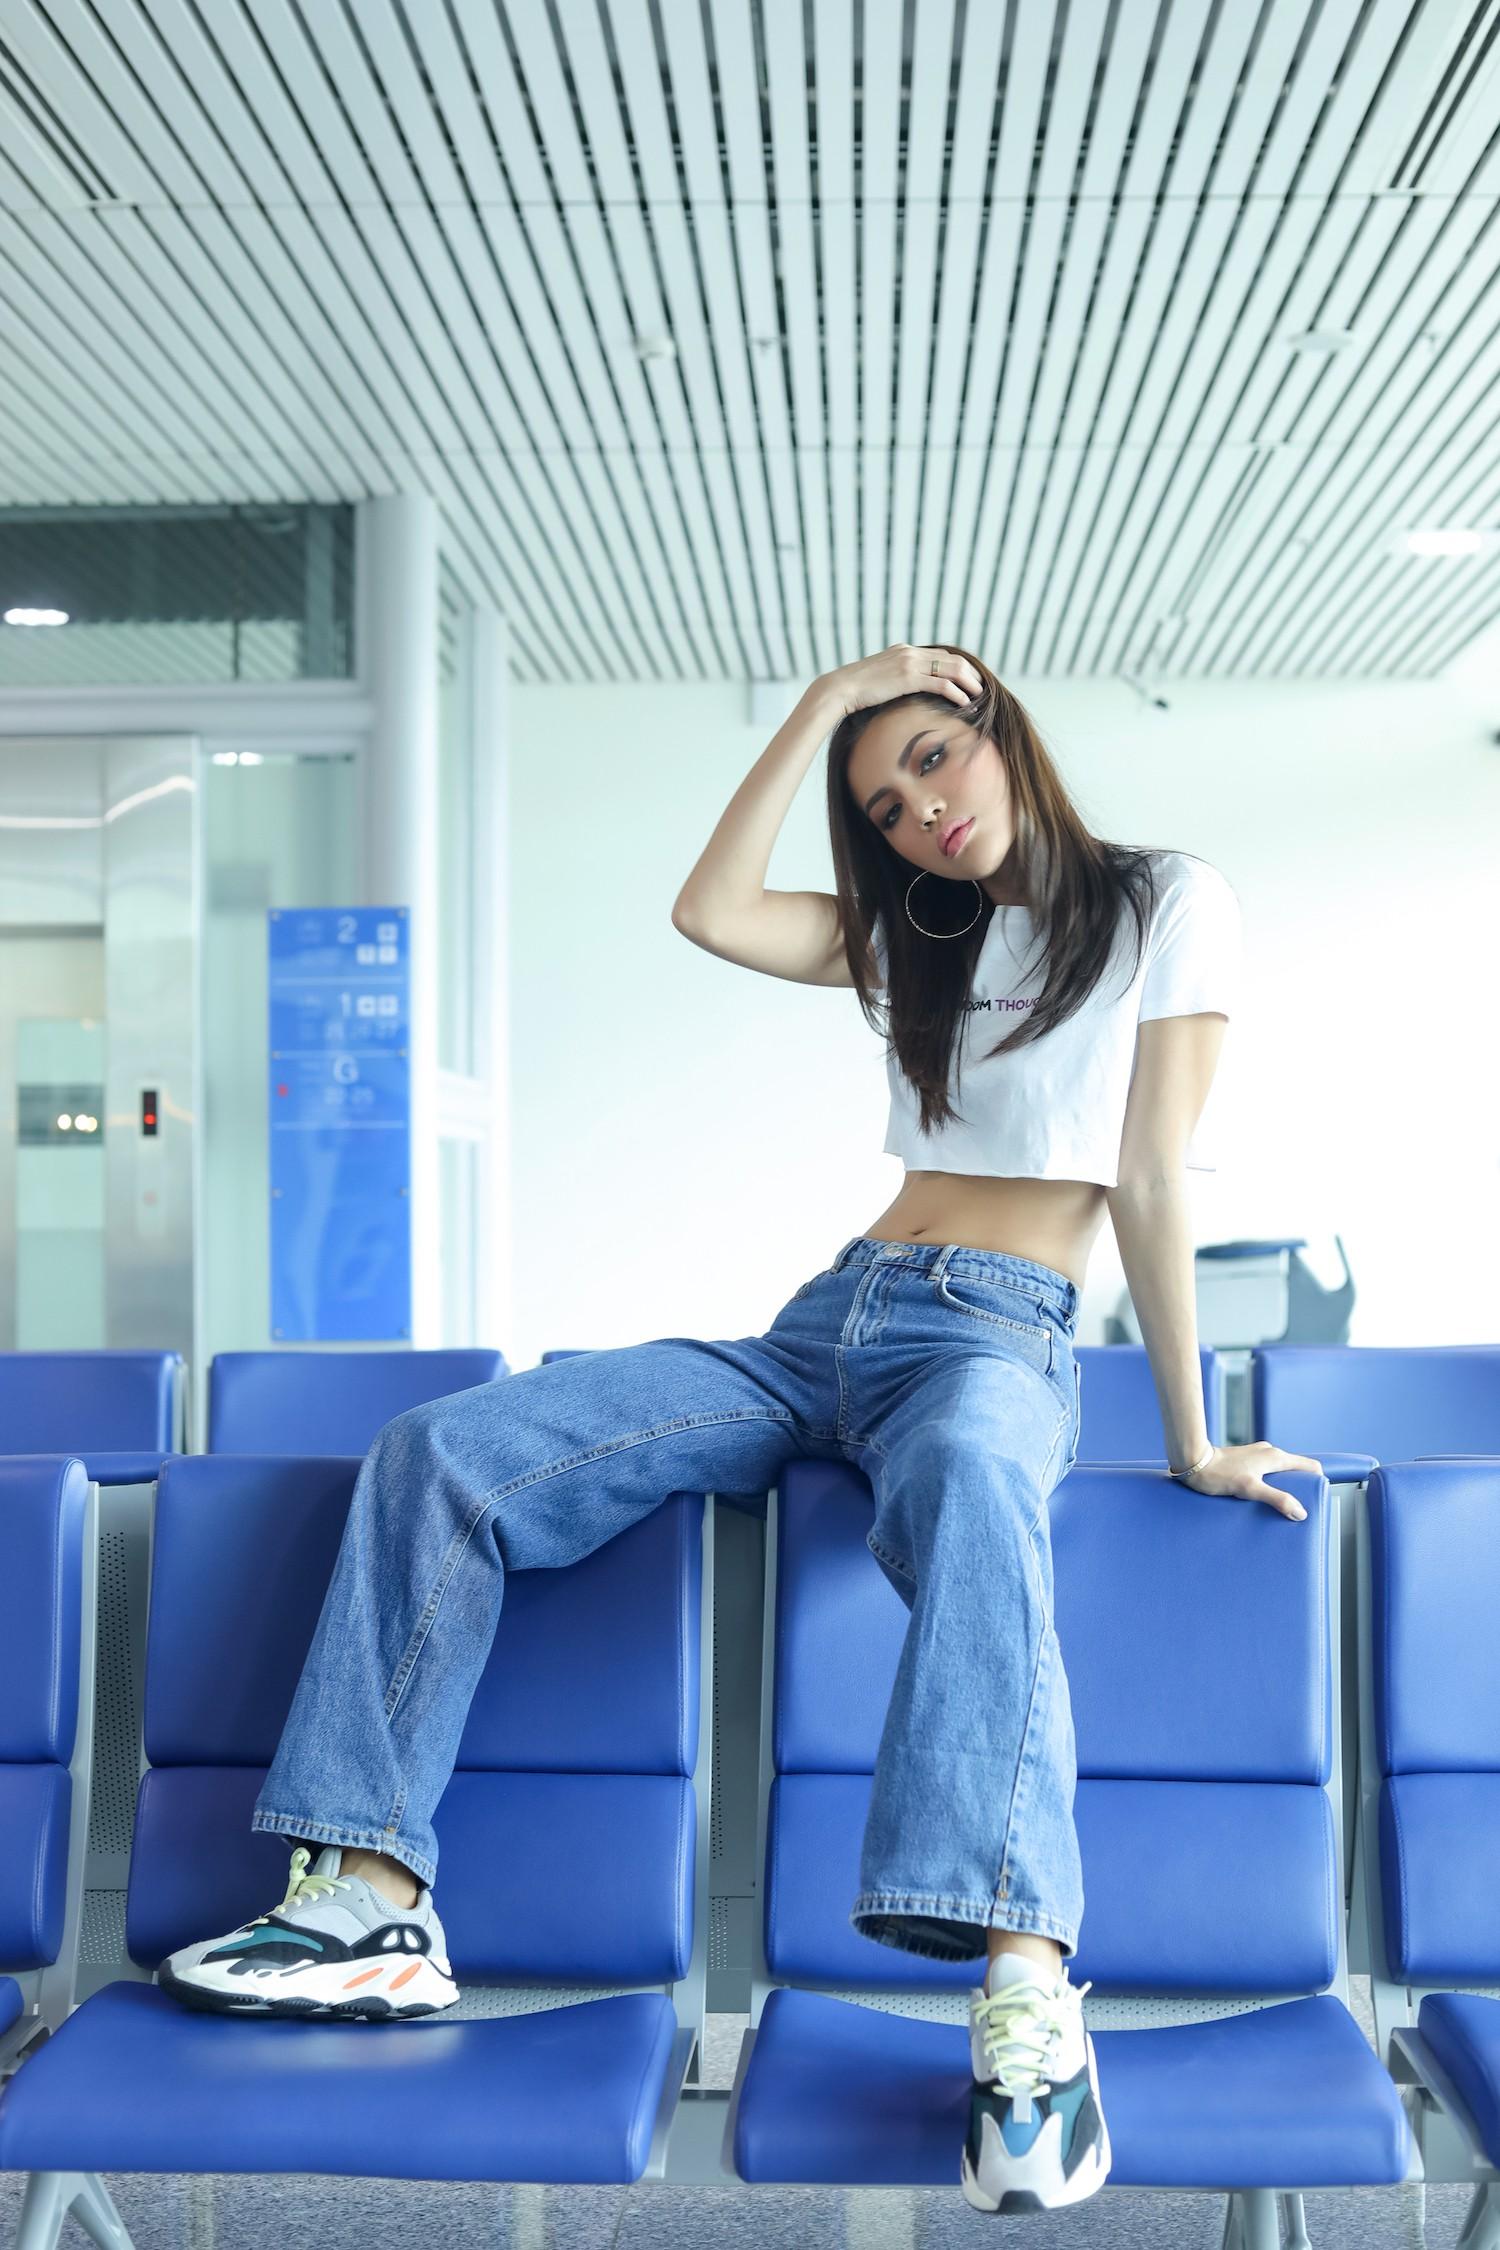 Minh Tú chính thức sang Thái Lan tham dự họp báo Asias Next top Model  - Ảnh 9.